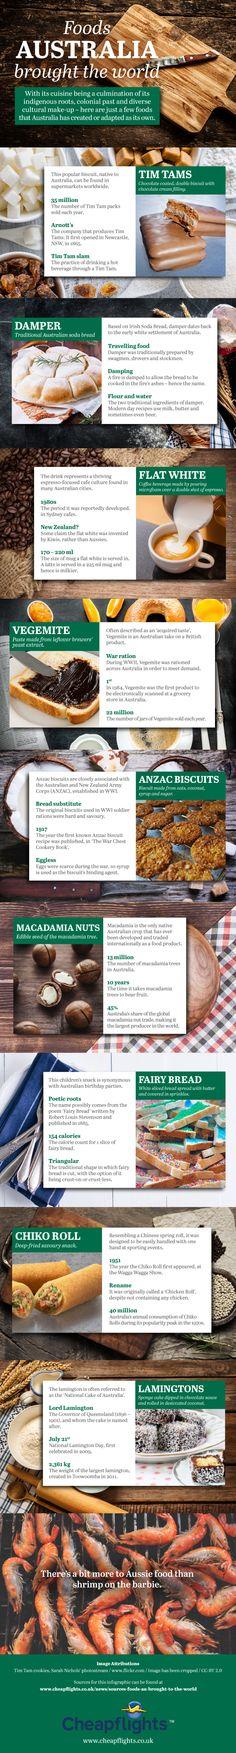 épinglé par ❃❀CM❁✿⊱Foods Australia Brought The World Aussie Food, Australian Food, Australian Slang, Australian English, Australian Icons, Australia Day, Australia Travel, Melbourne Australia, Auckland